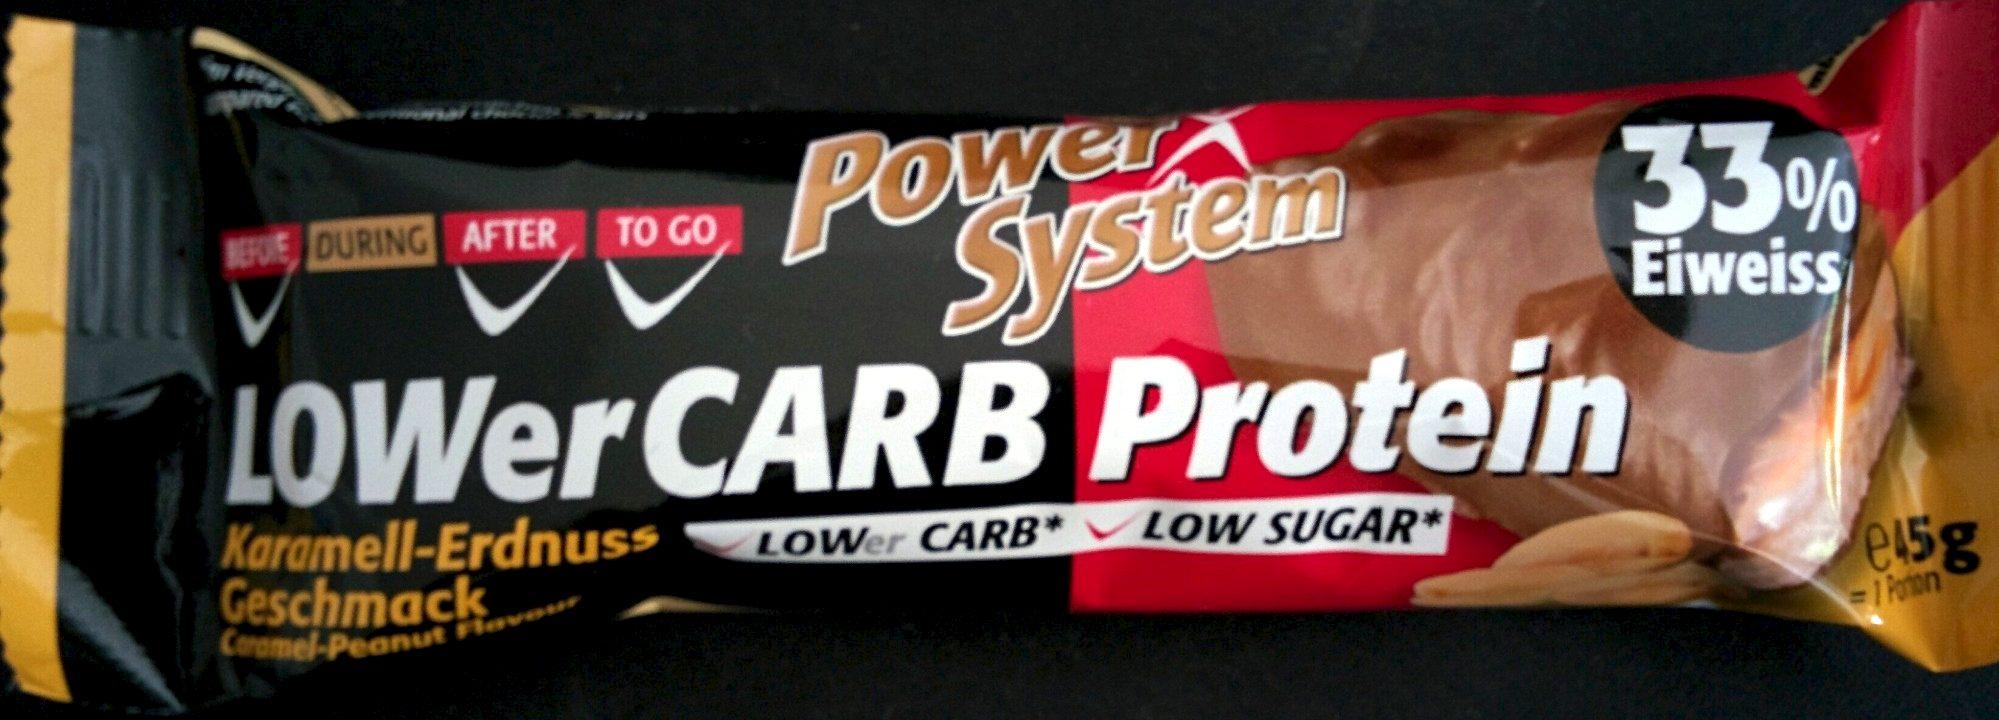 LOWerCARB Protein Karamell-Erdnuss-Geschmack - Produit - de